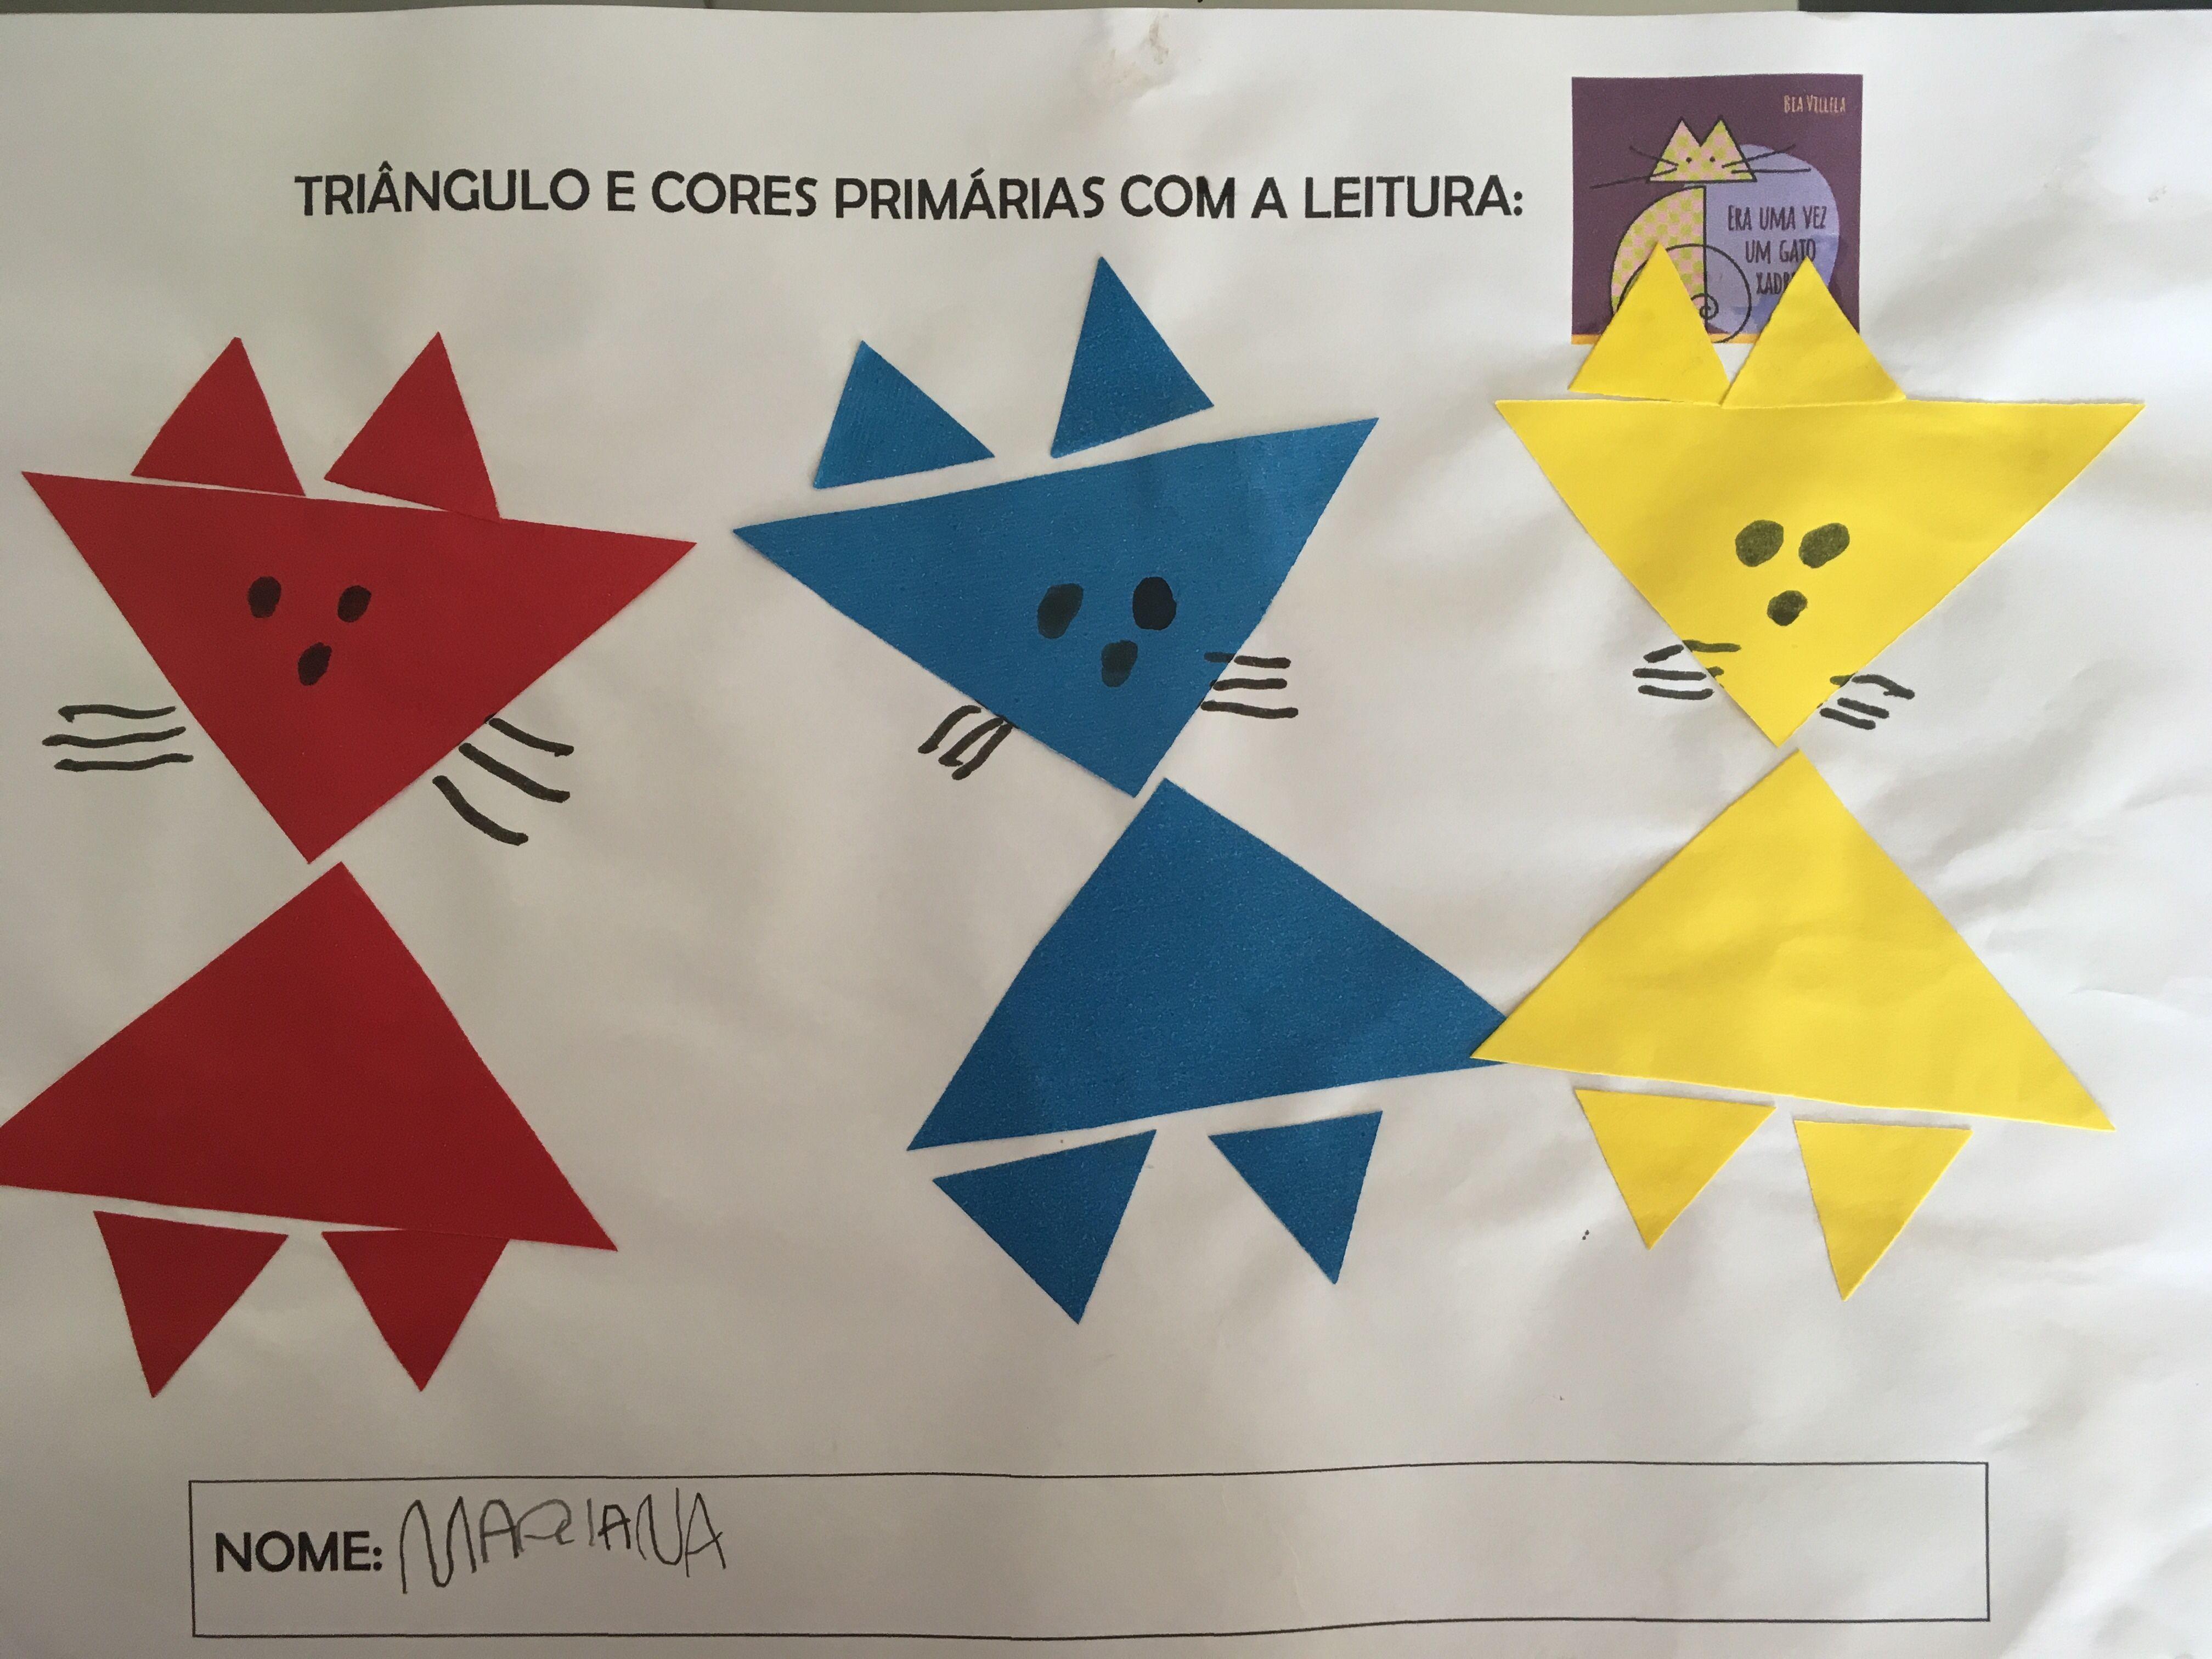 Atividade De Colagem De Triangulos Nas Cores Primarias Apos A